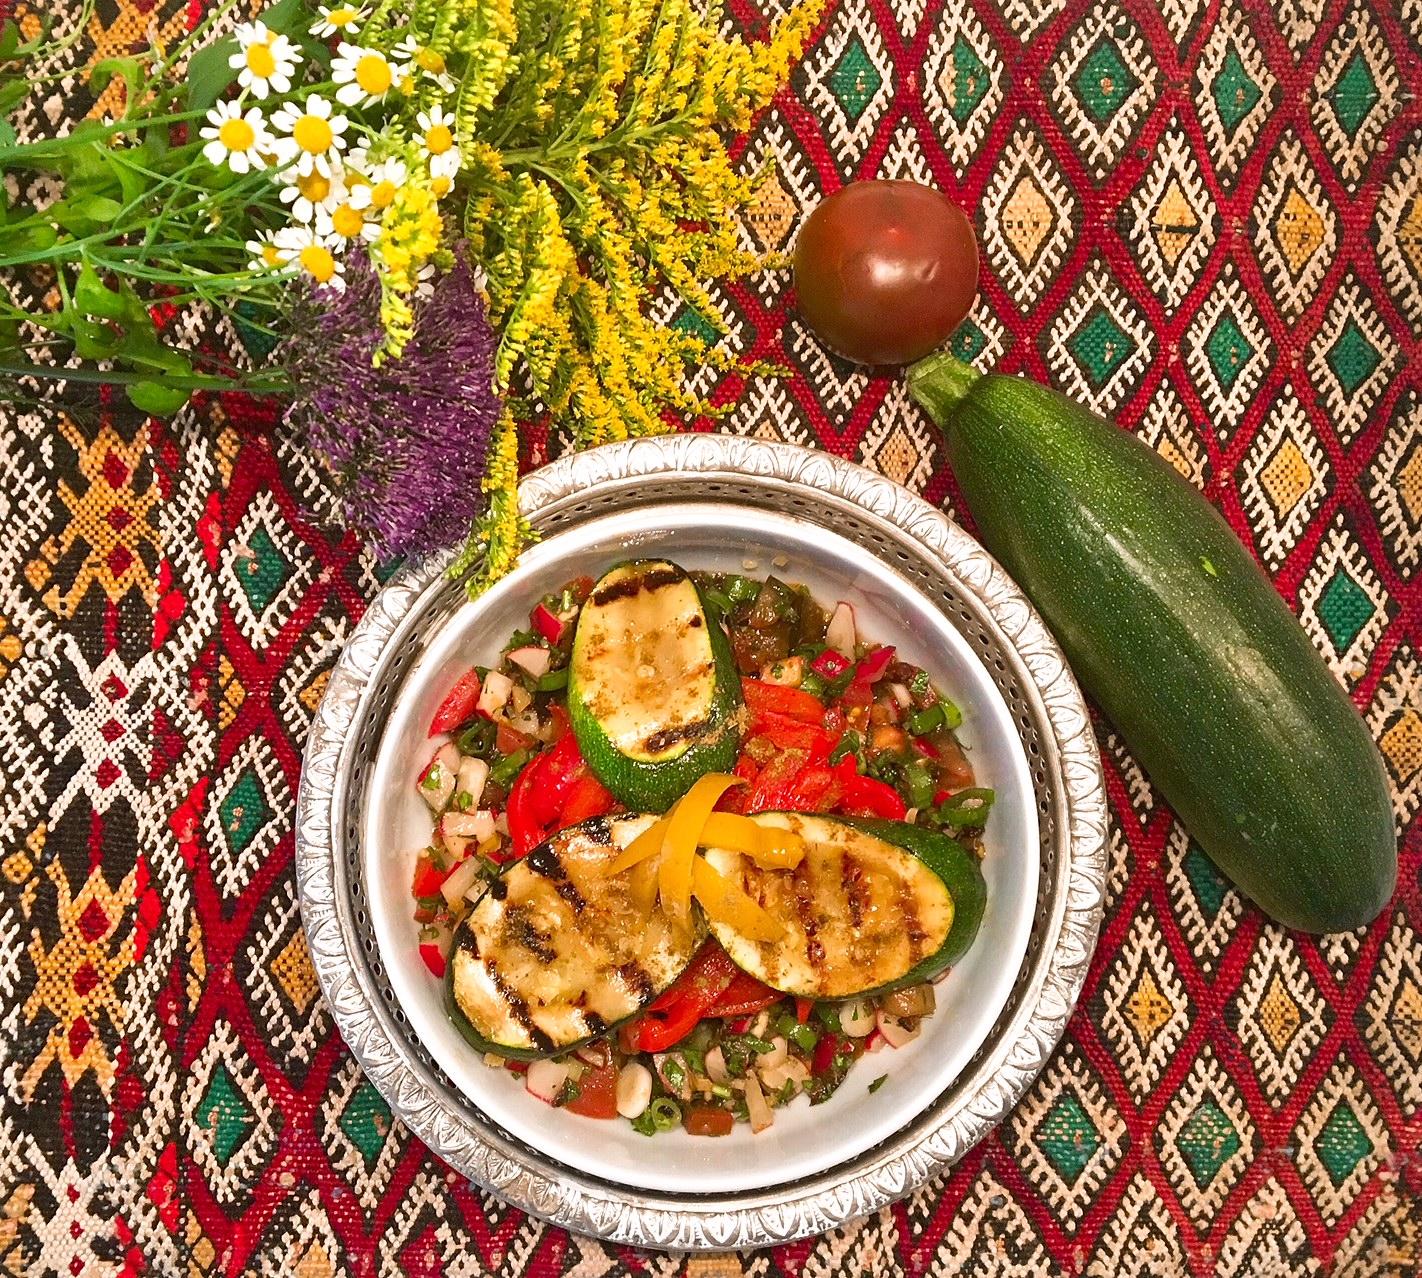 Salade de courgettes et de poivrons grillés au citron confit et aux petits légumes